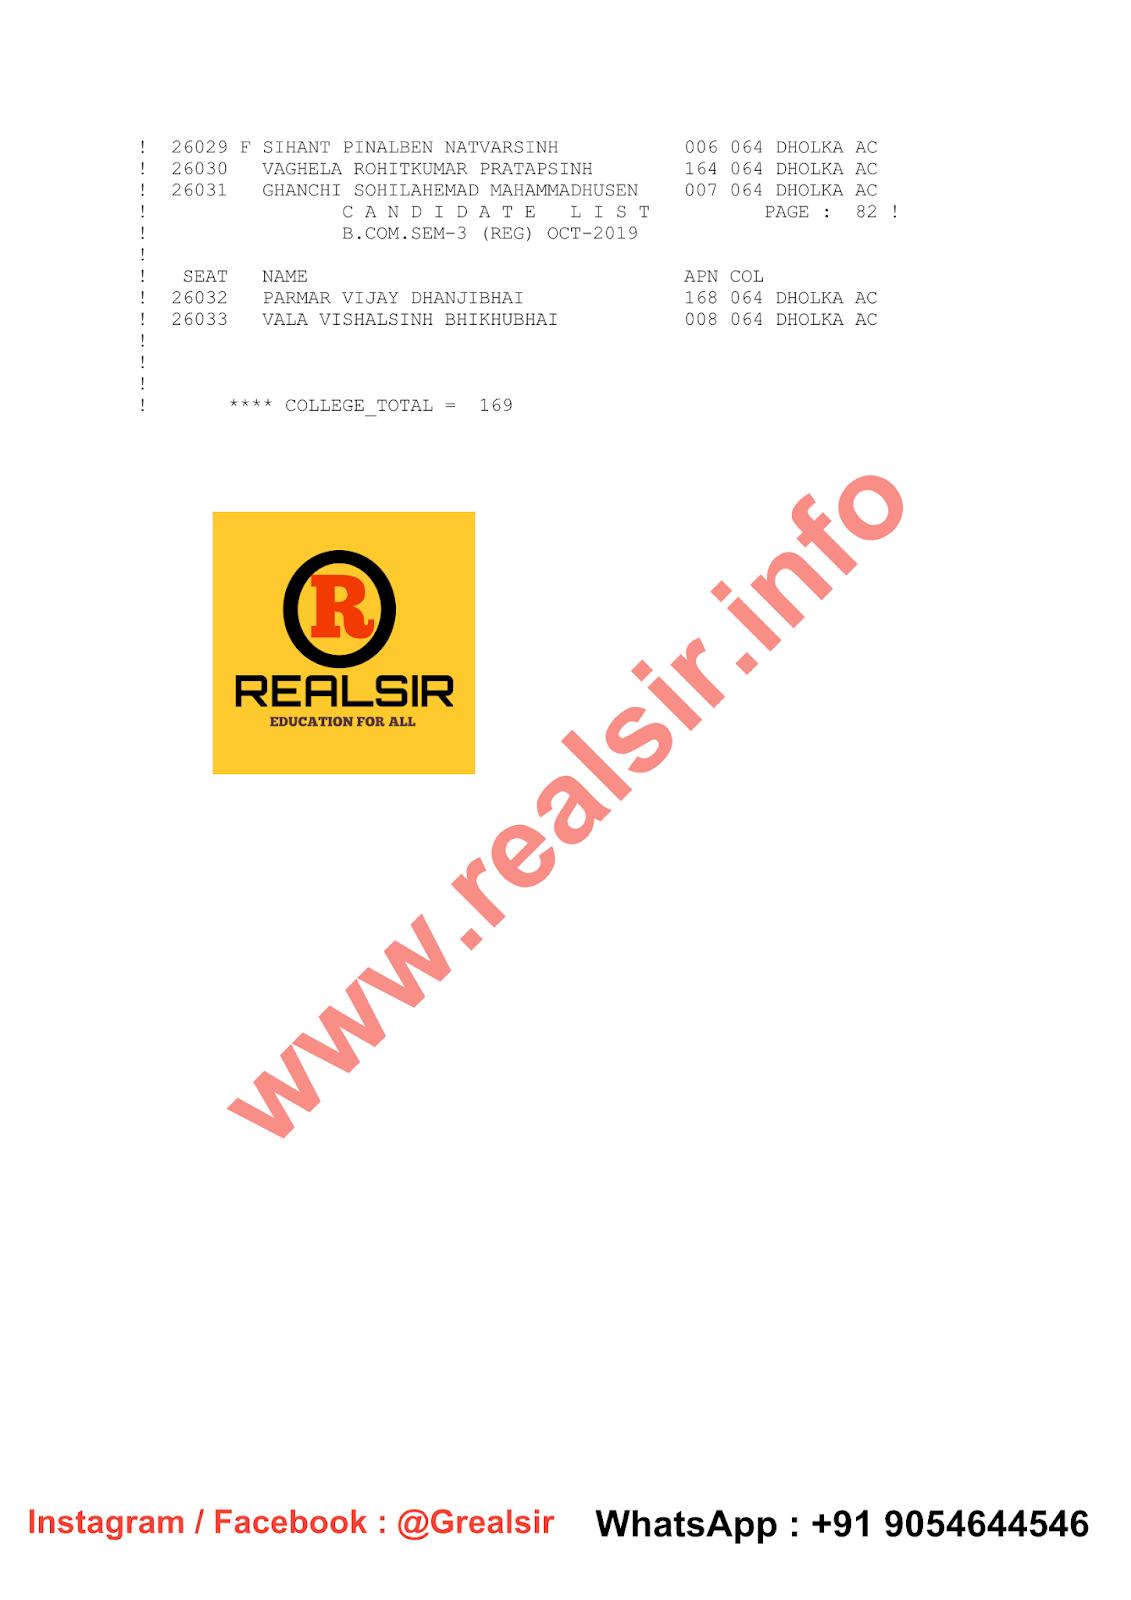 B.COM SEM - 3 (Regular) Candidate List - 2019 - Dholka College